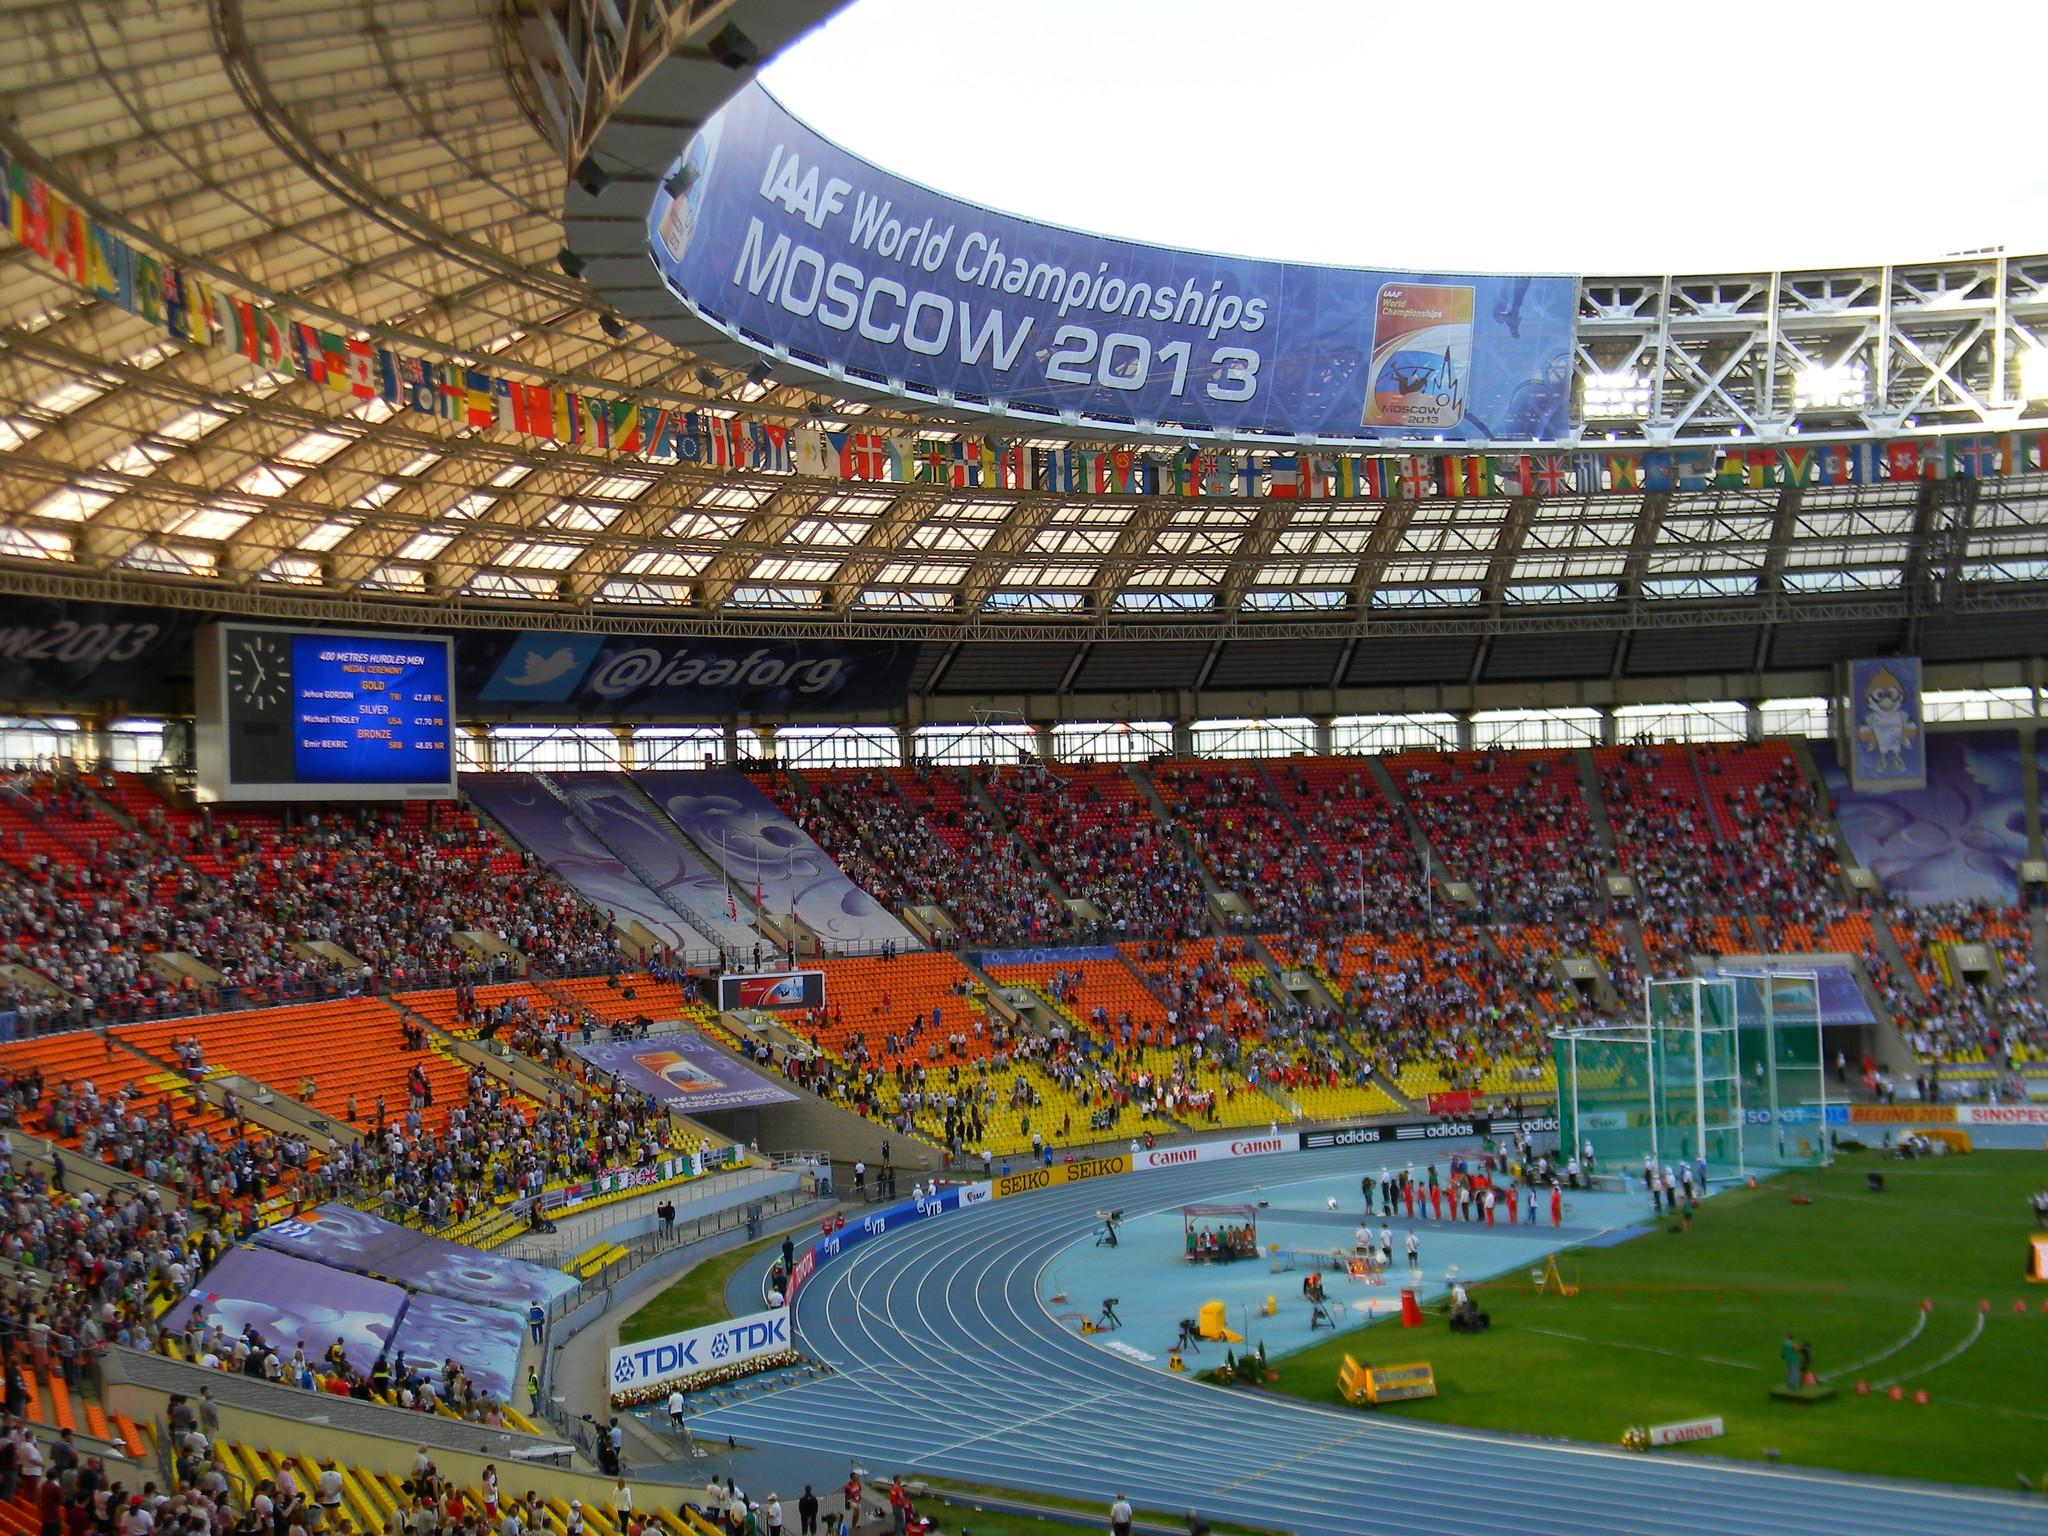 Чемпионат мира по лёгкой атлетике 2013 года в Лужниках